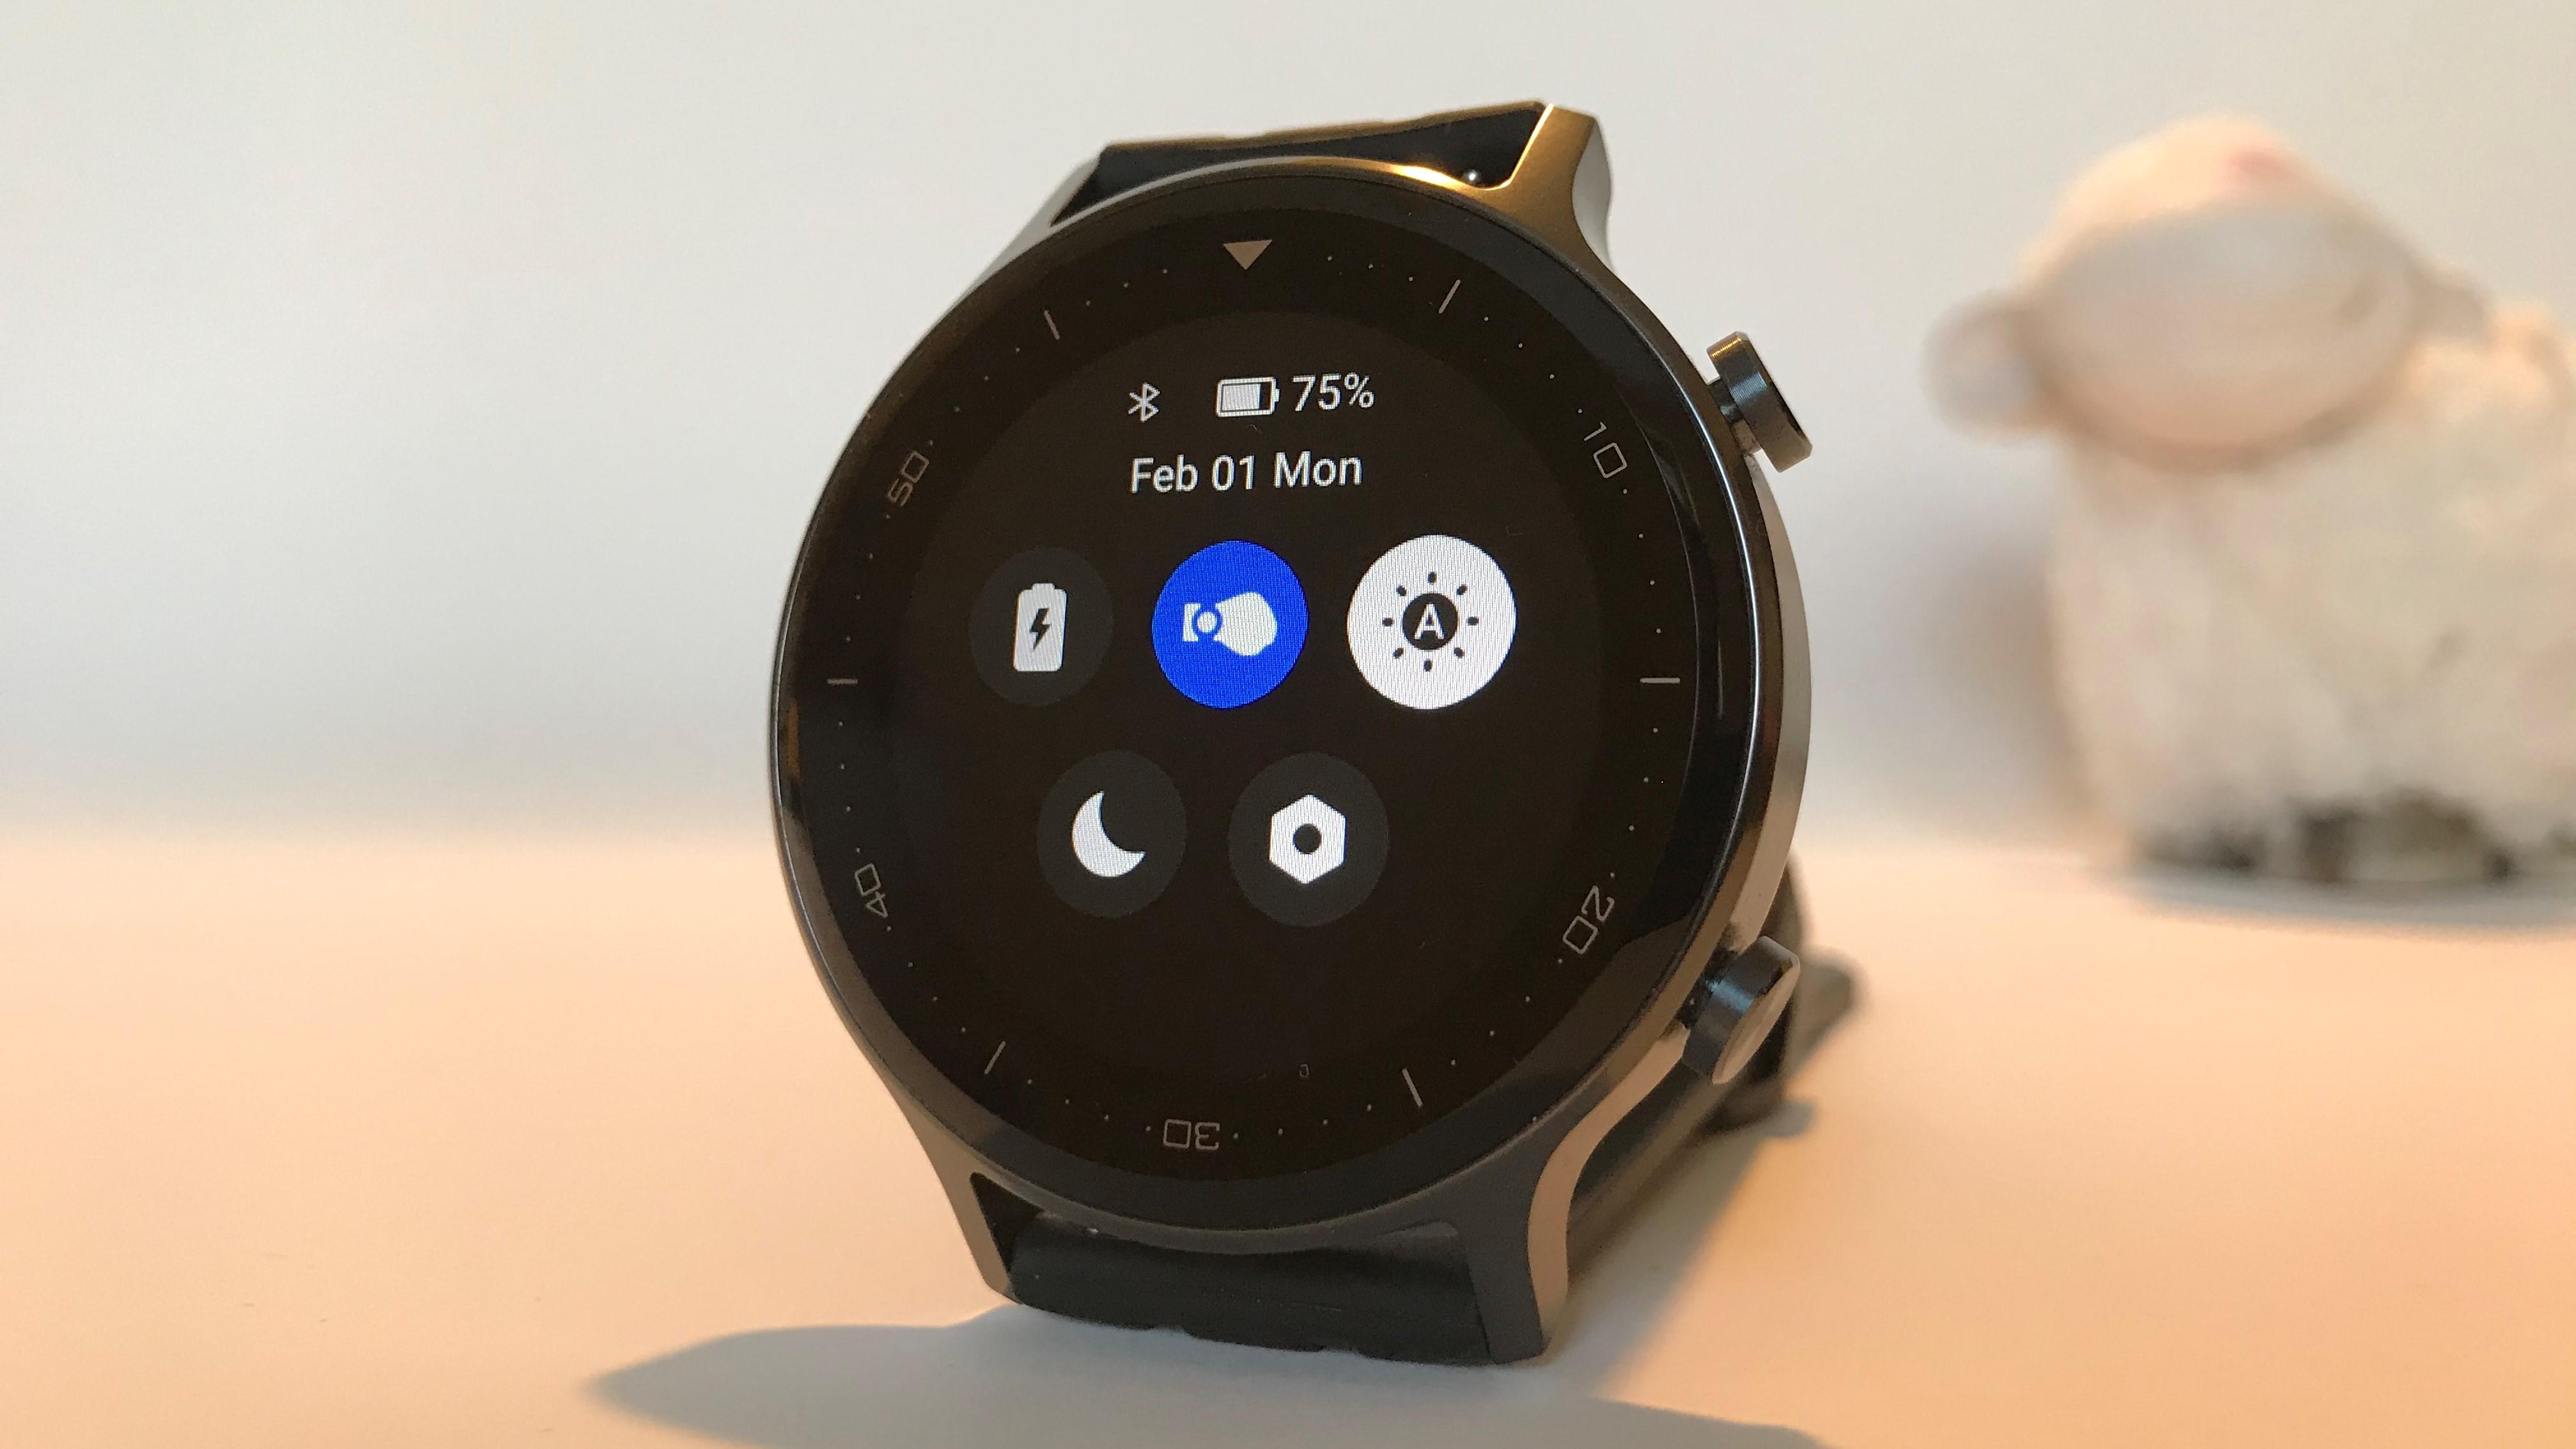 Testowany zegarek umożliwia automatyczne ustawianie jasności ekranu.